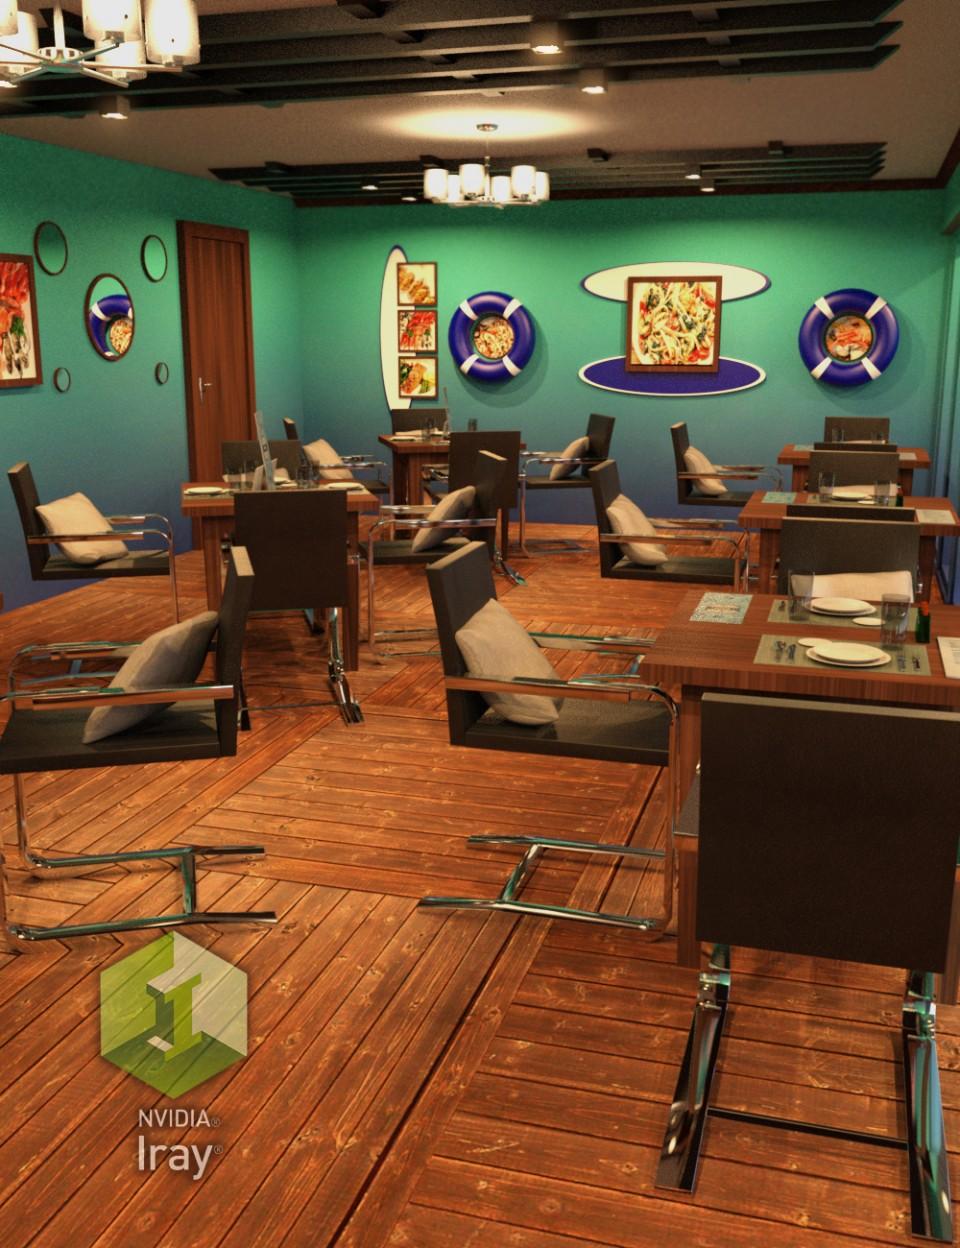 Seafood Restaurant_DAZ3D下载站